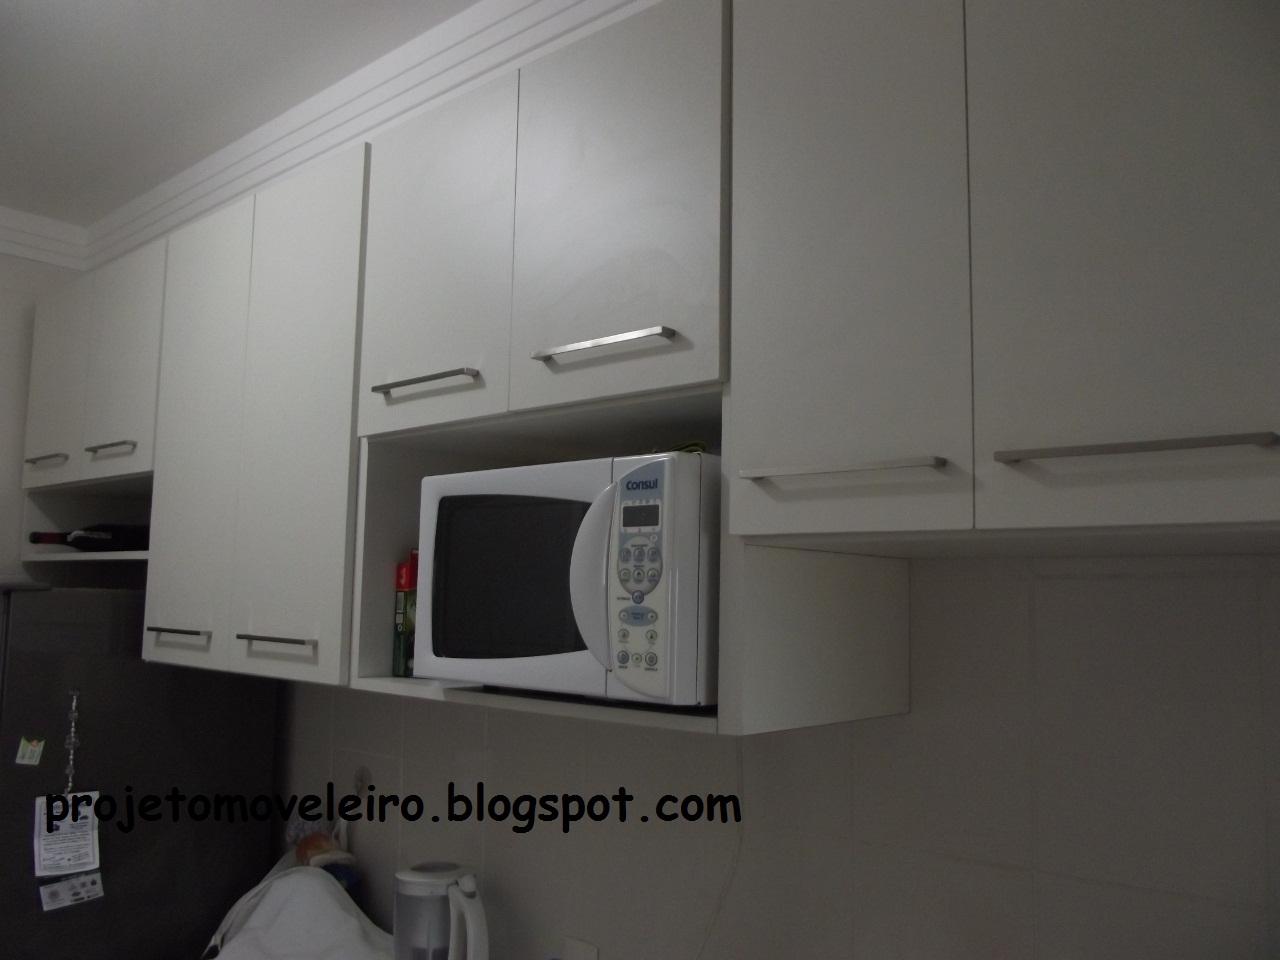 EM MADEIRA MACIÇA E MOVEIS SOB MEDIDA: Cozinha Banheiro e Quarto #51585E 1280x960 Armario Banheiro De Embutir